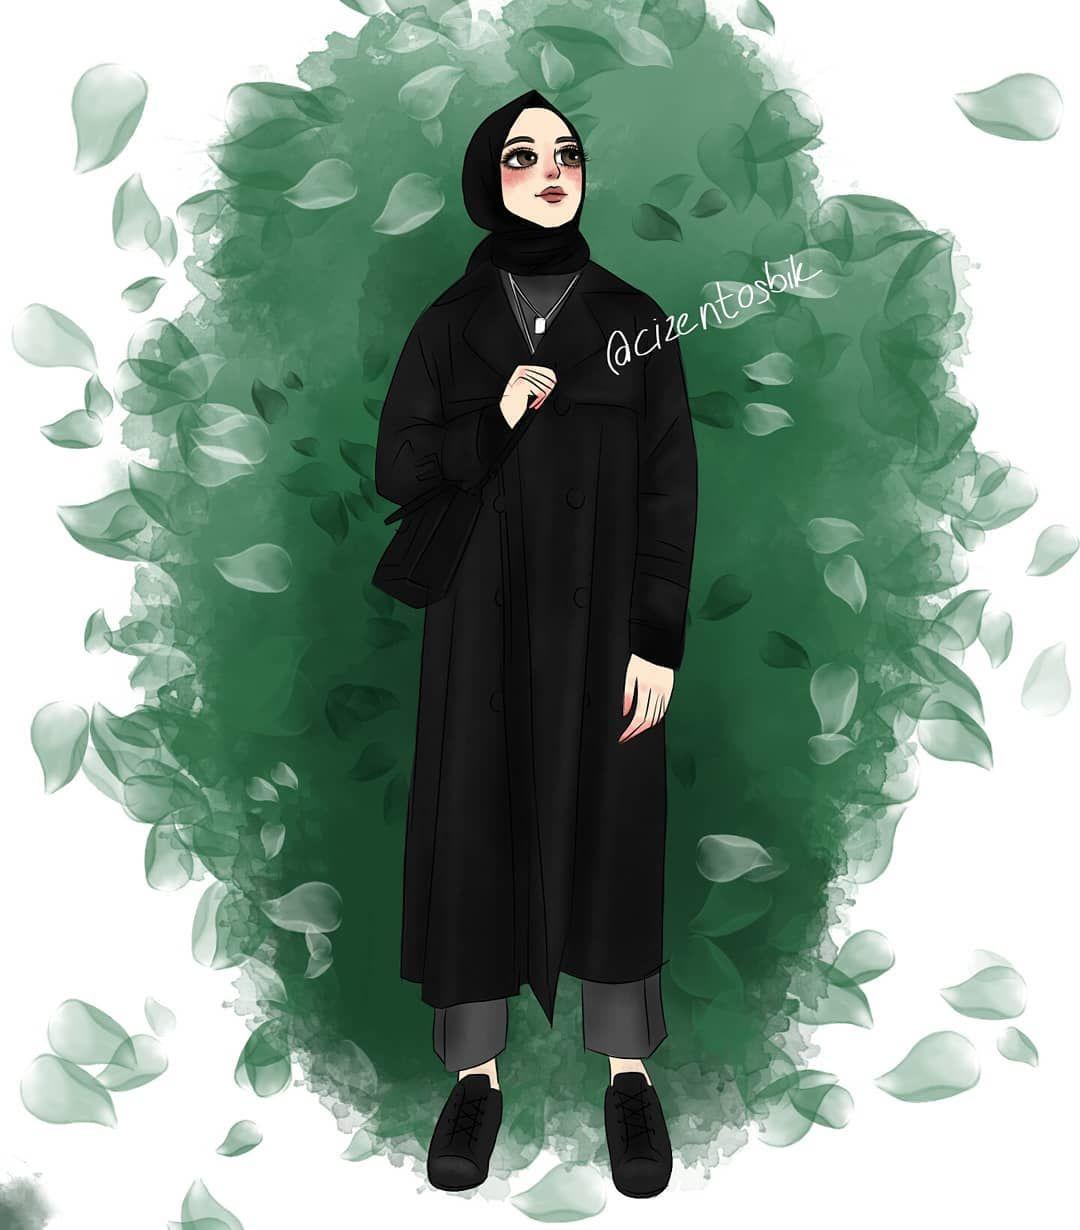 bayanlar-icin-islami-profil-resimleri-3-4